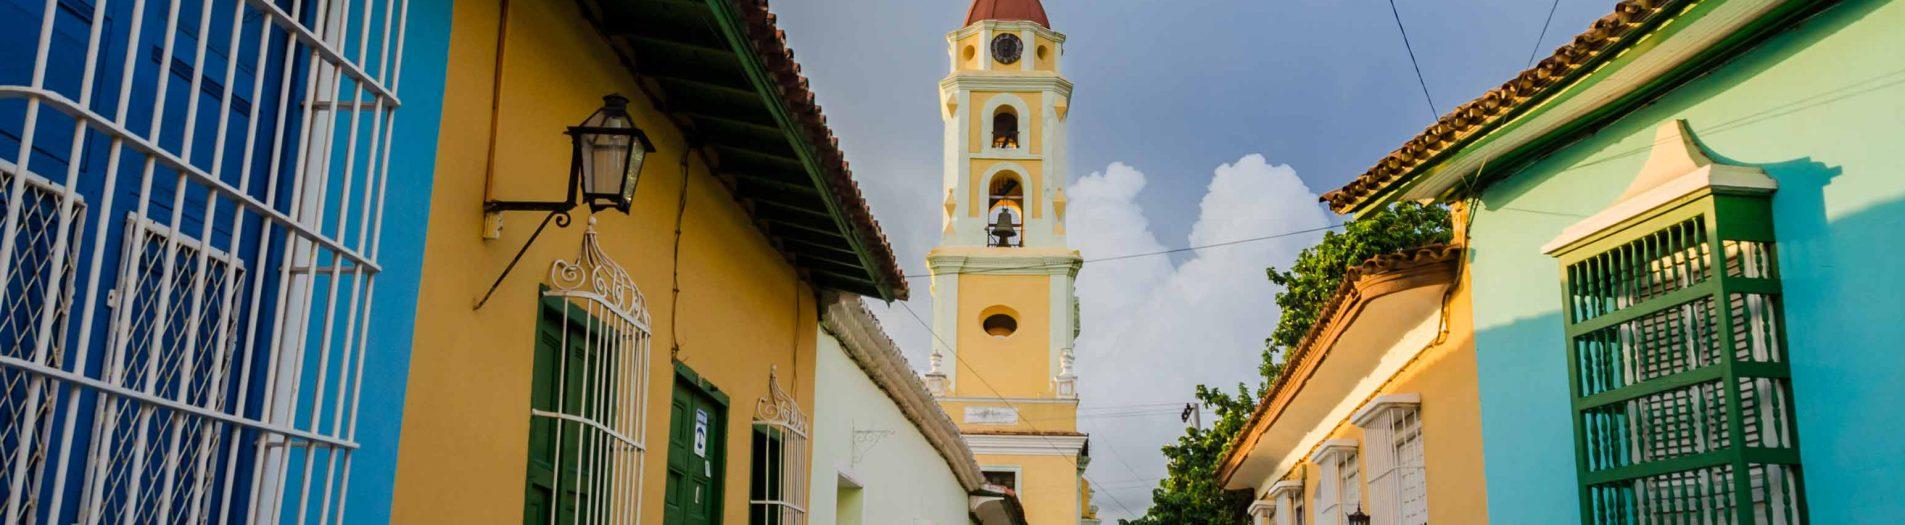 Cuba - Trinidad, la perle de Cuba